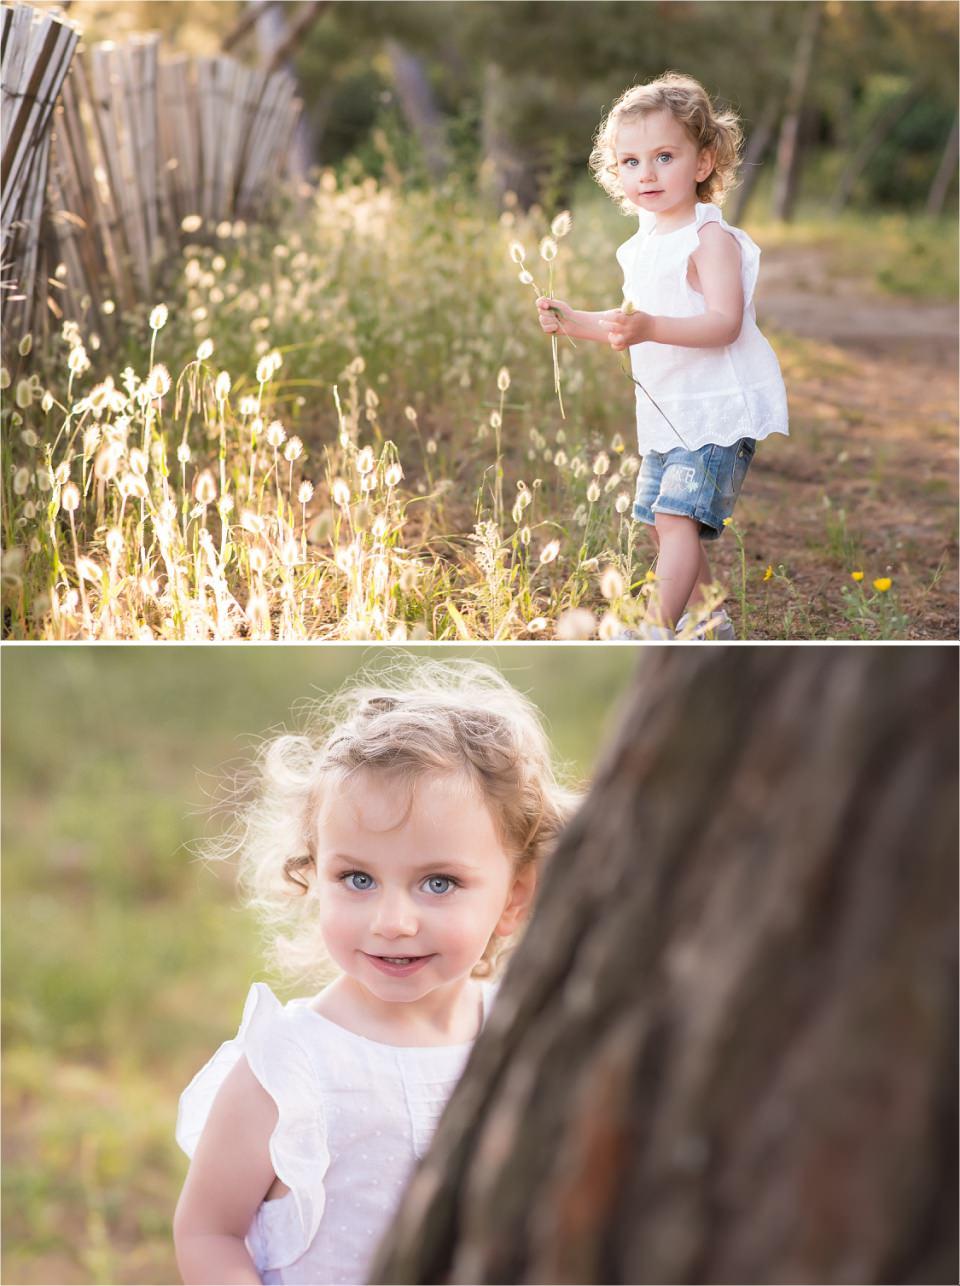 magnifique petite fille